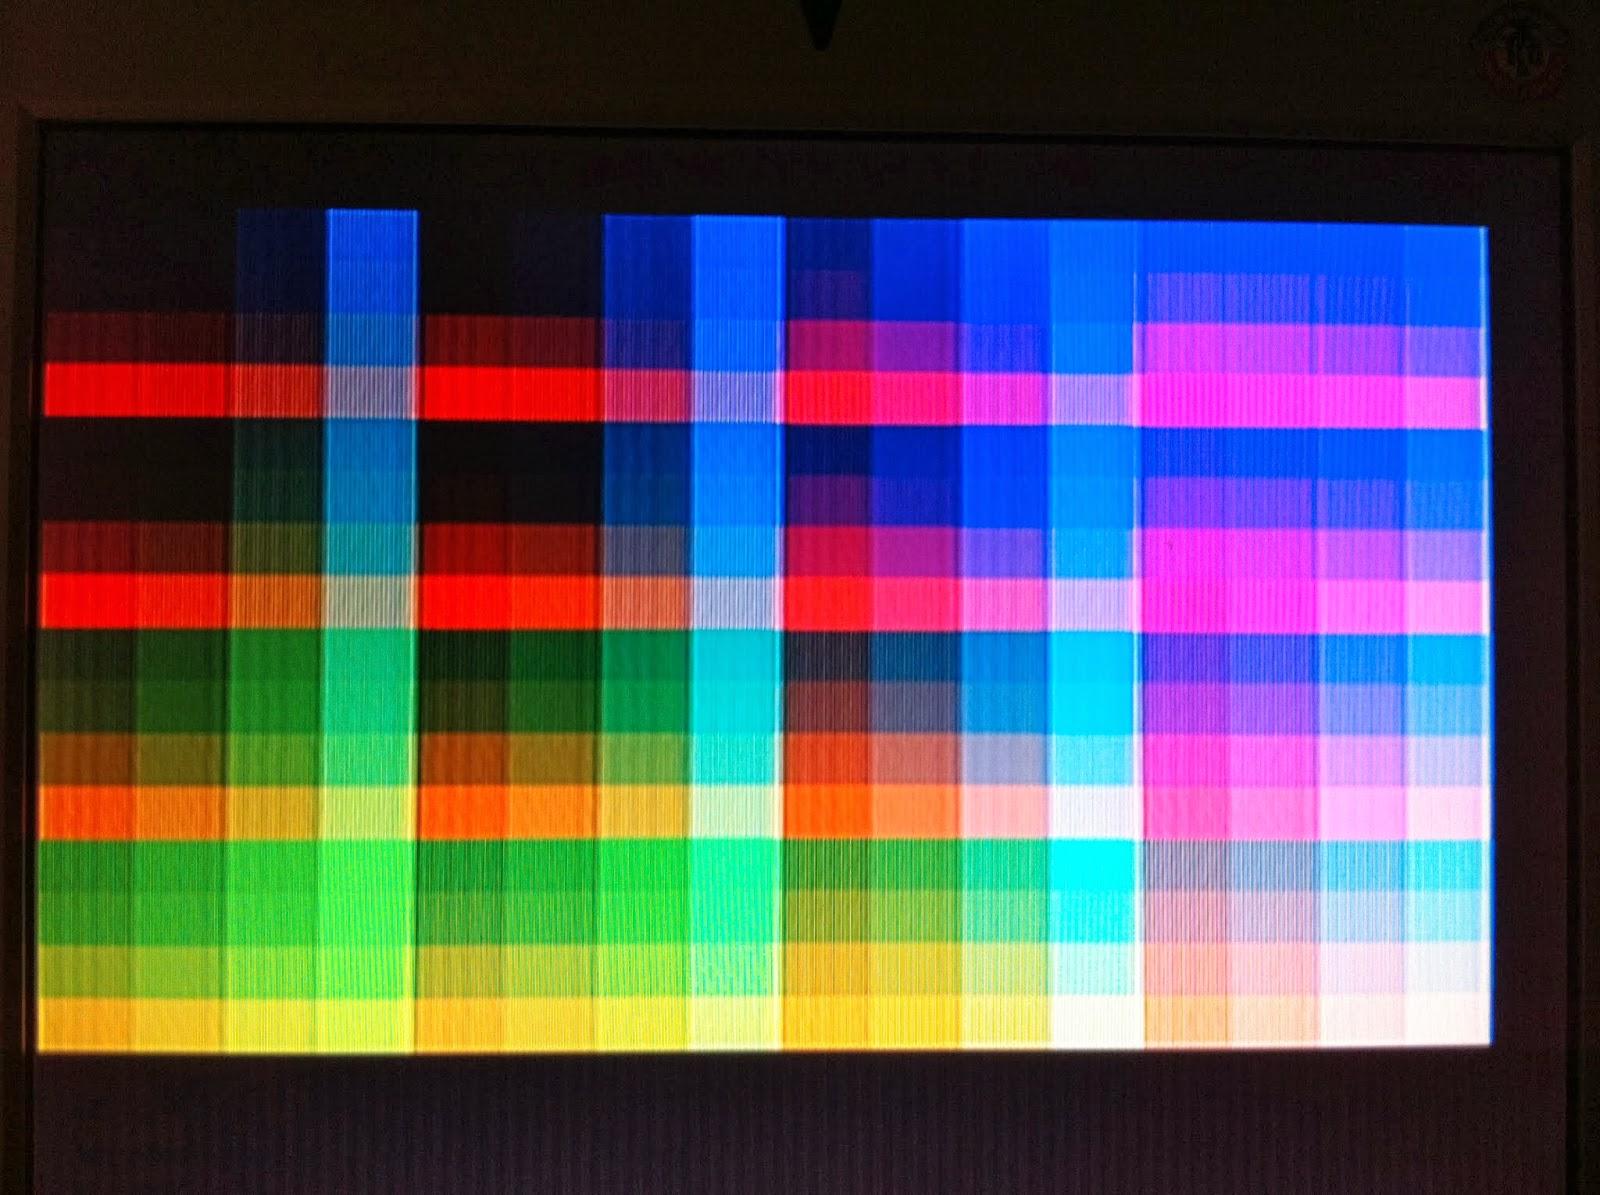 rich geldreich s tech blog the color computer 3 s 256 color